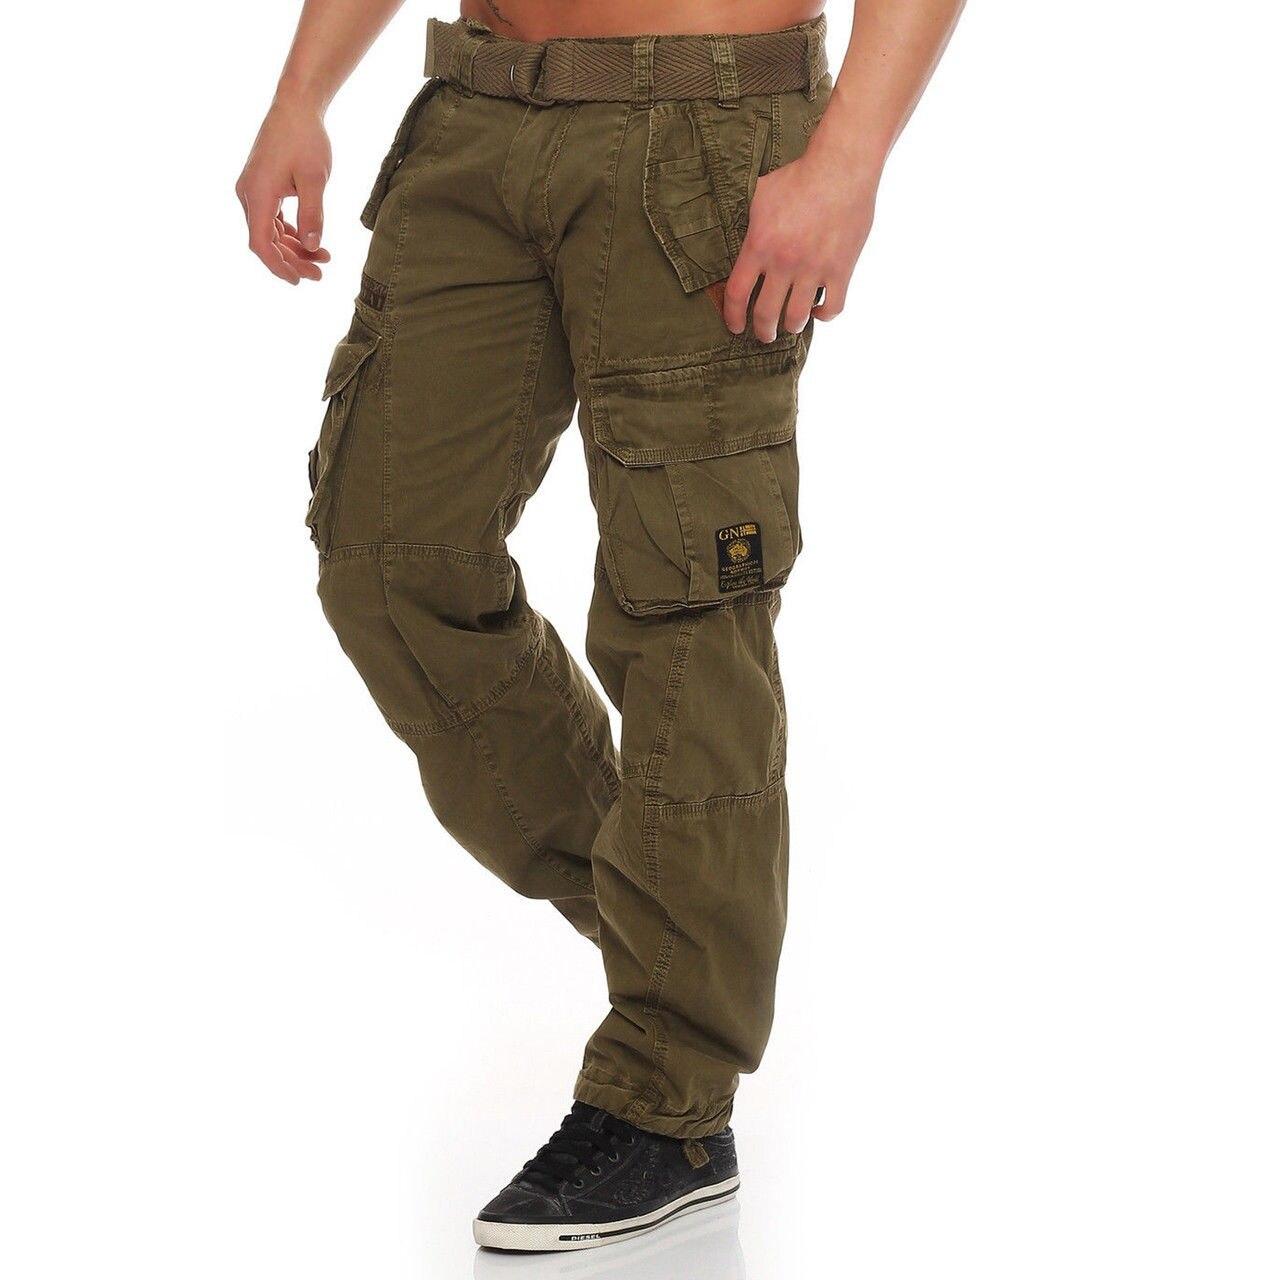 2019 Mens Cargo Casual Pantaloni Degli Uomini Di Fitness Abbigliamento Sportivo Tuta Gonne E Pantaloni Skinny Pantaloni Della Tuta Pantaloni Neri Palestre A Pieghe Pantaloni Pista